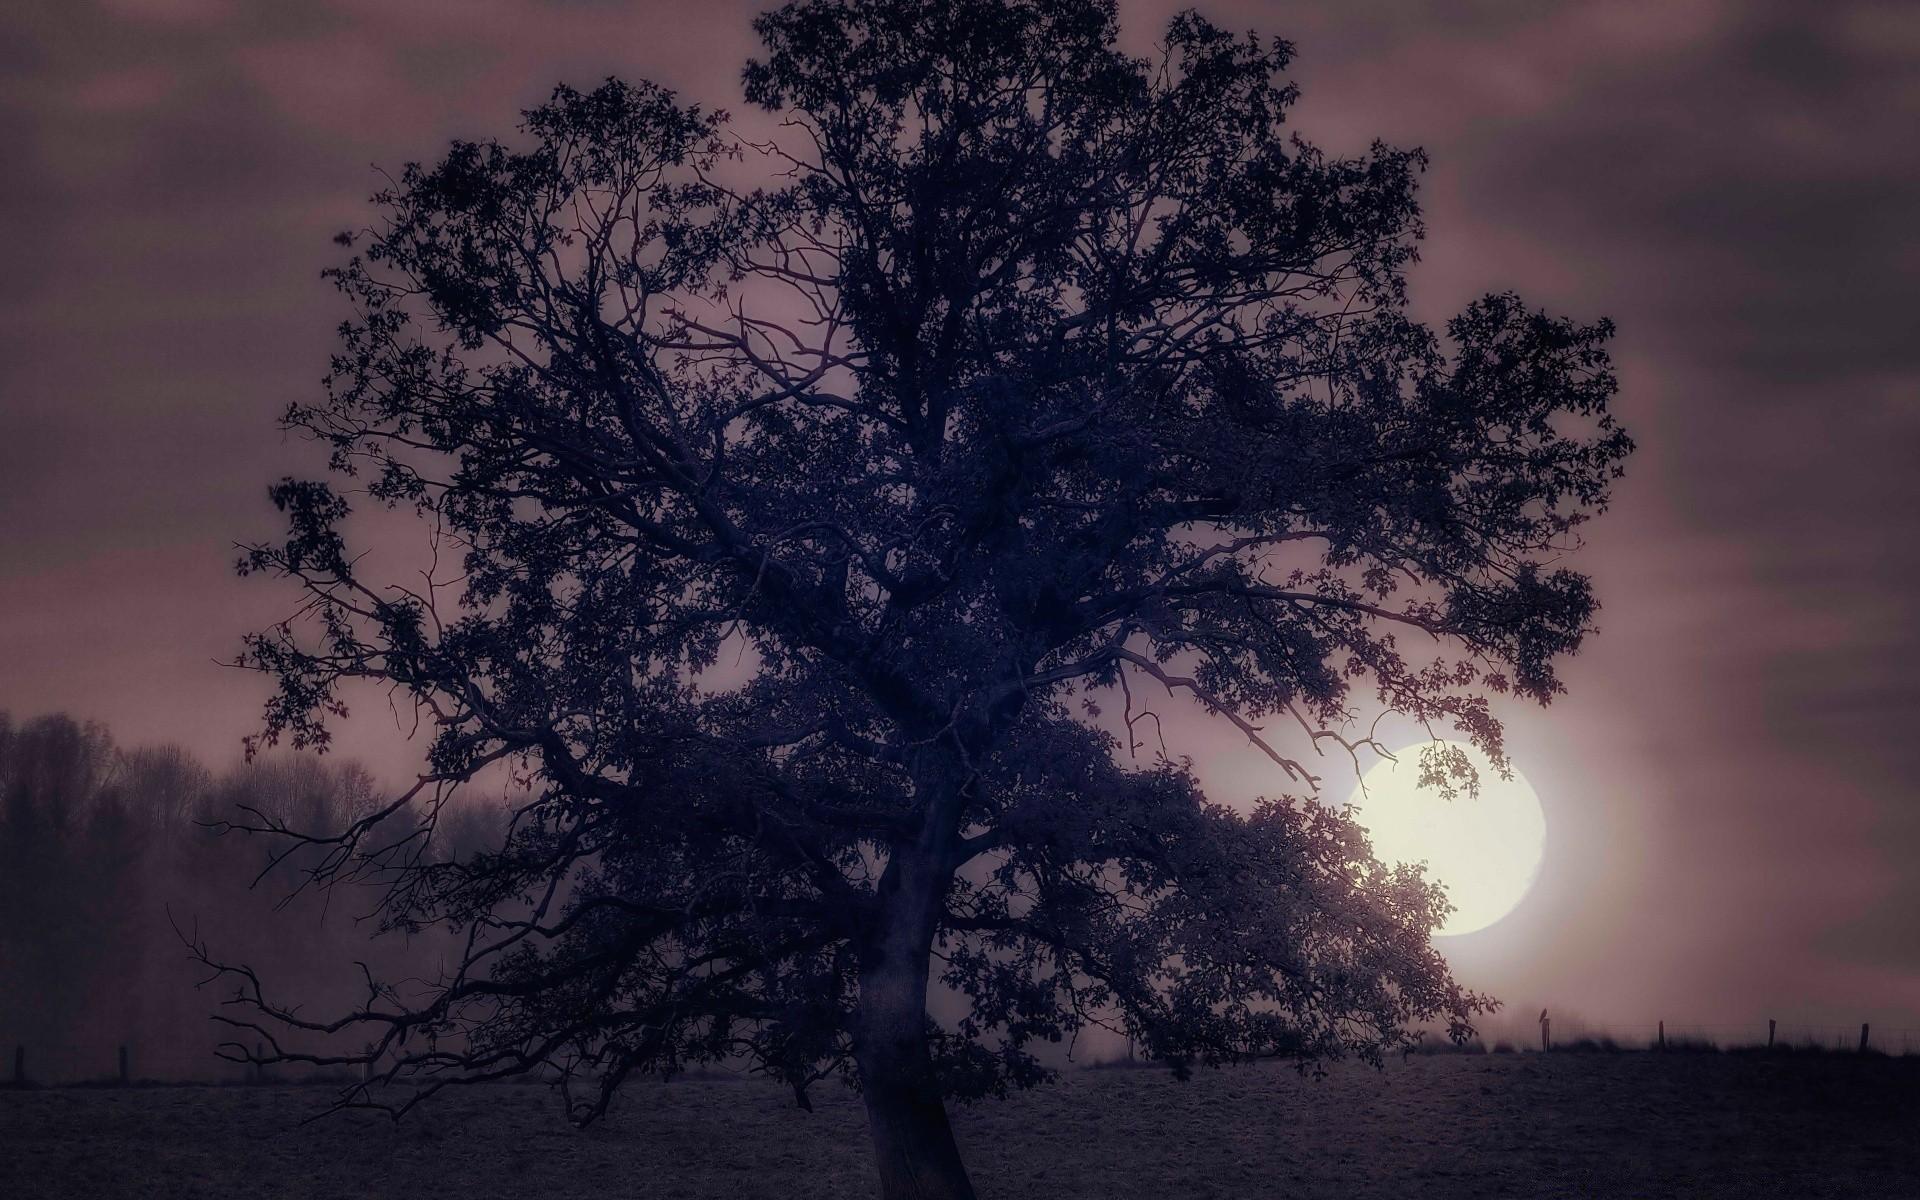 должен картинки деревьев ночью сорта виды раннего